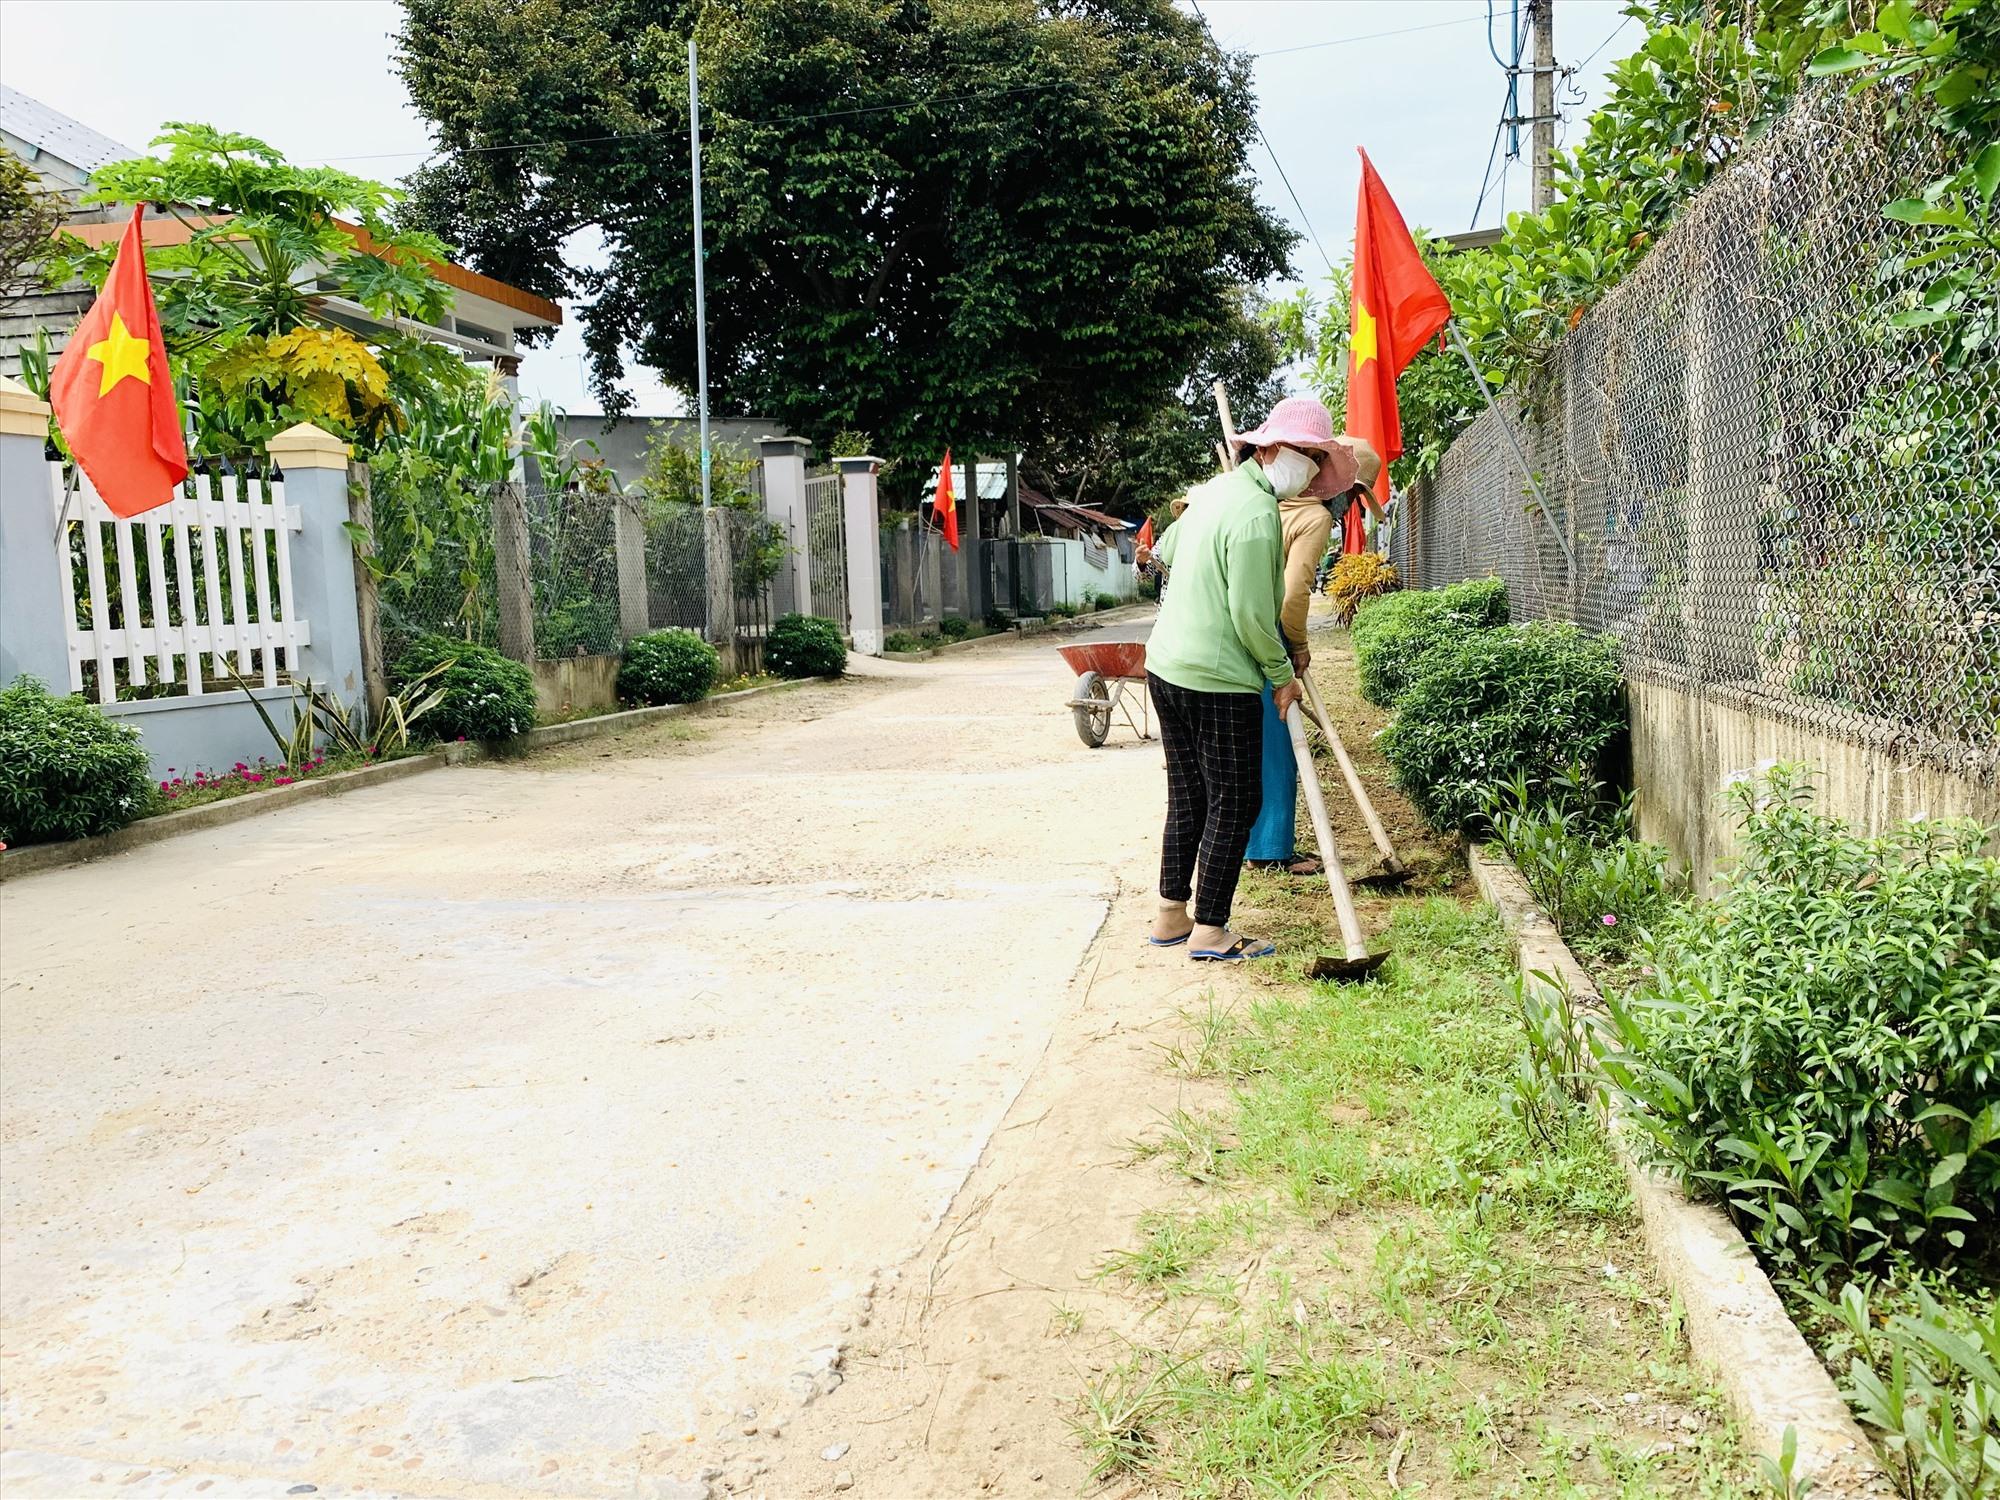 Mô hình tuyến đường hoa thay cỏ dại đã và đang có sức lan tỏa trong cộng đồng dân cư ở Duy Xuyên. Ảnh: T.L